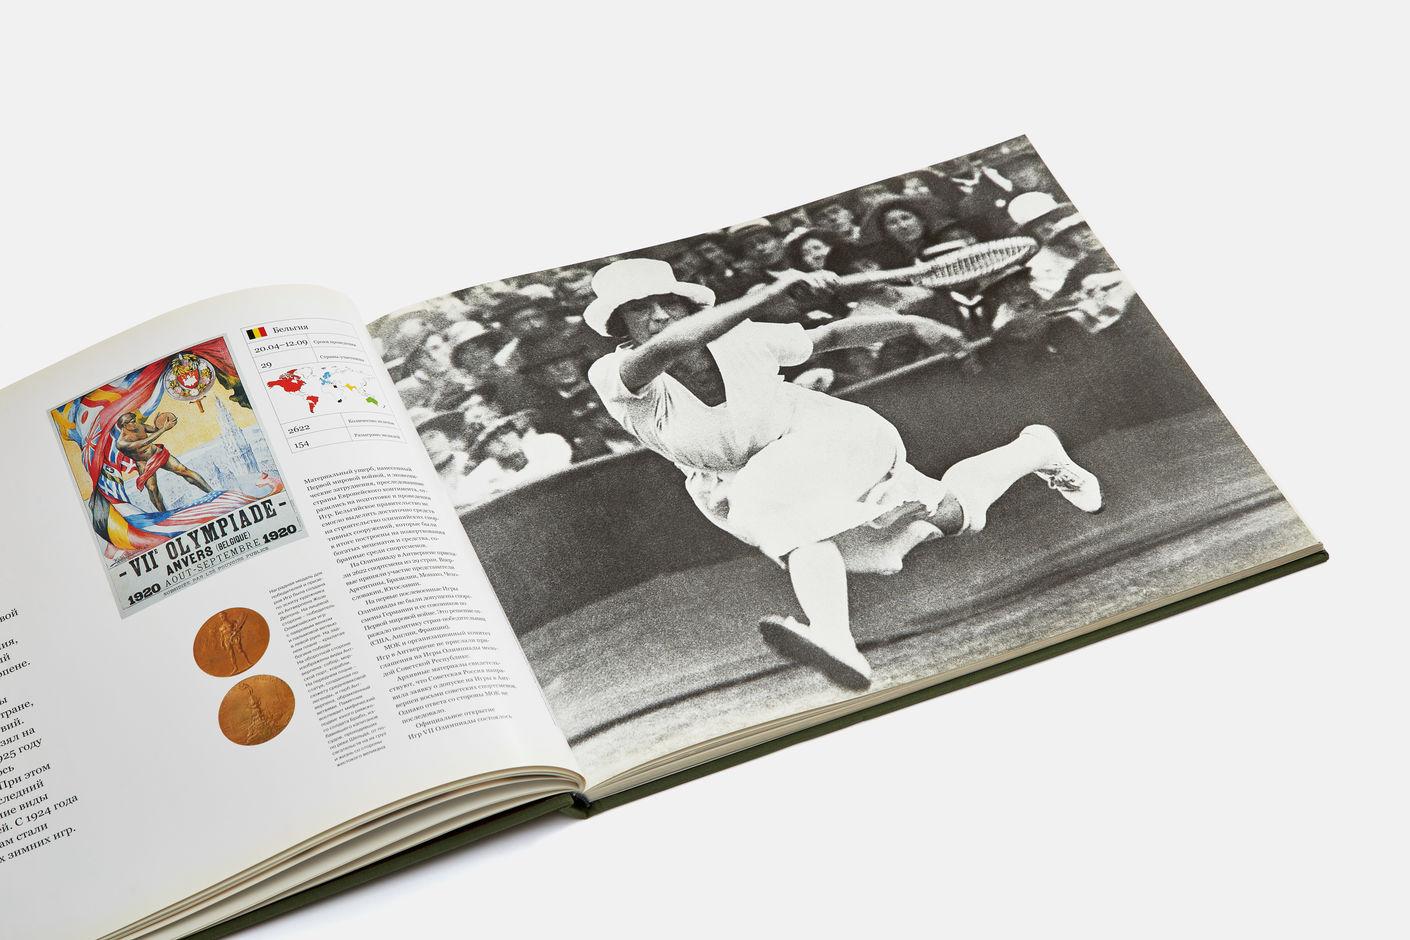 Подарочная книга Летние олимпийски игры. Иллюстрированная история 1896-2012, Агей Томеш, Лаборатория дизайна НИУ ВШЭ